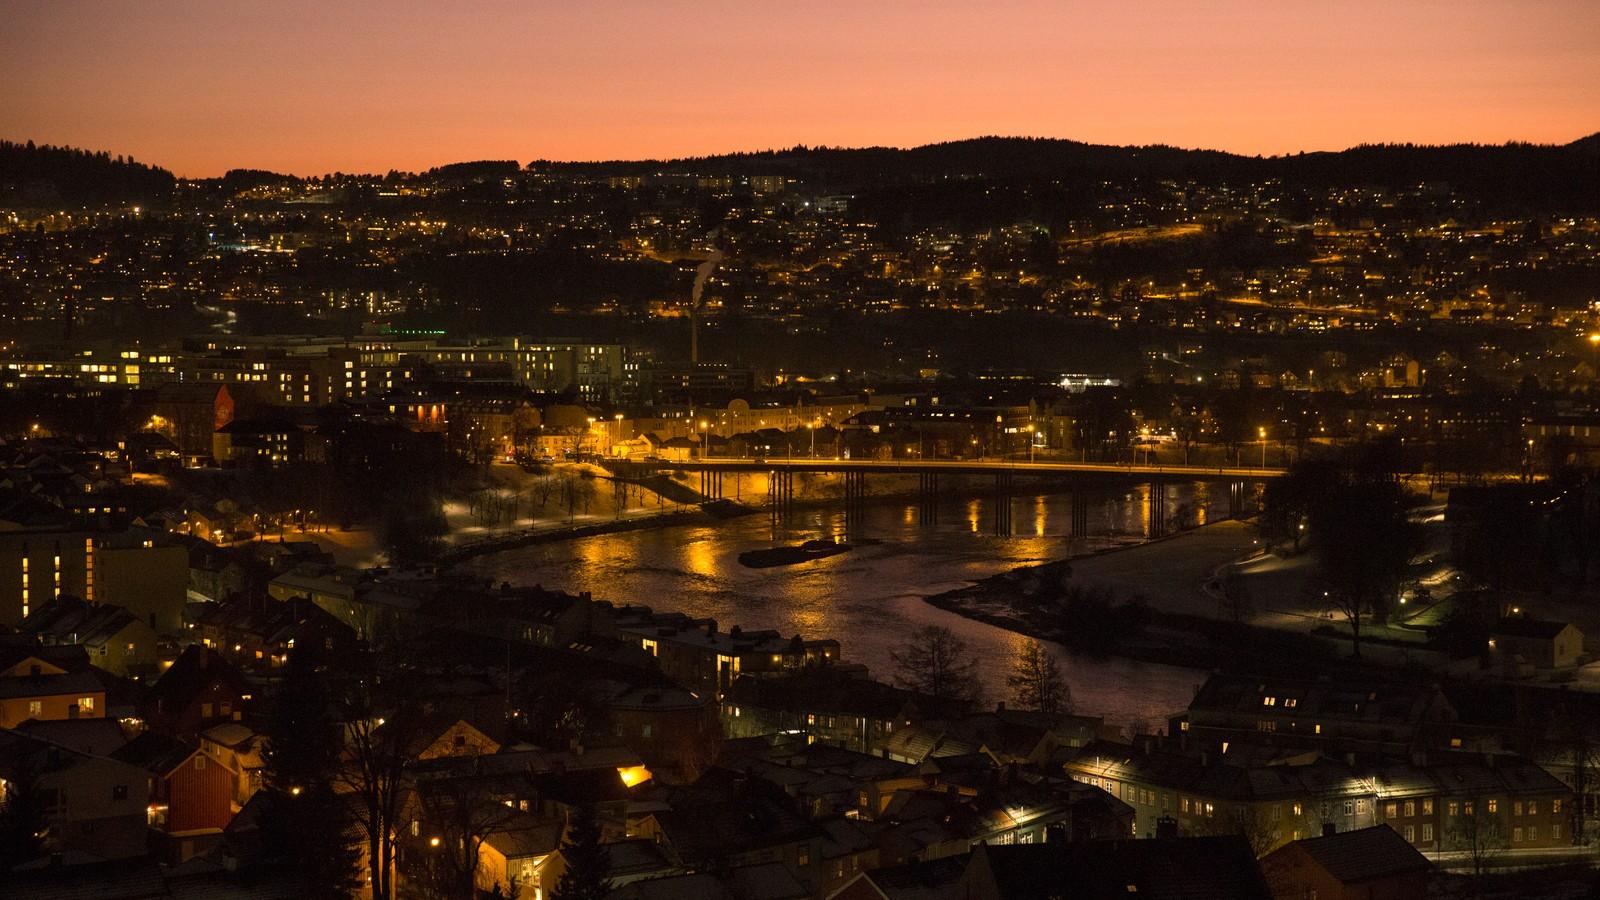 Trondheim by på kvelden med rødskjær på himmelen og lysene som glitrer.